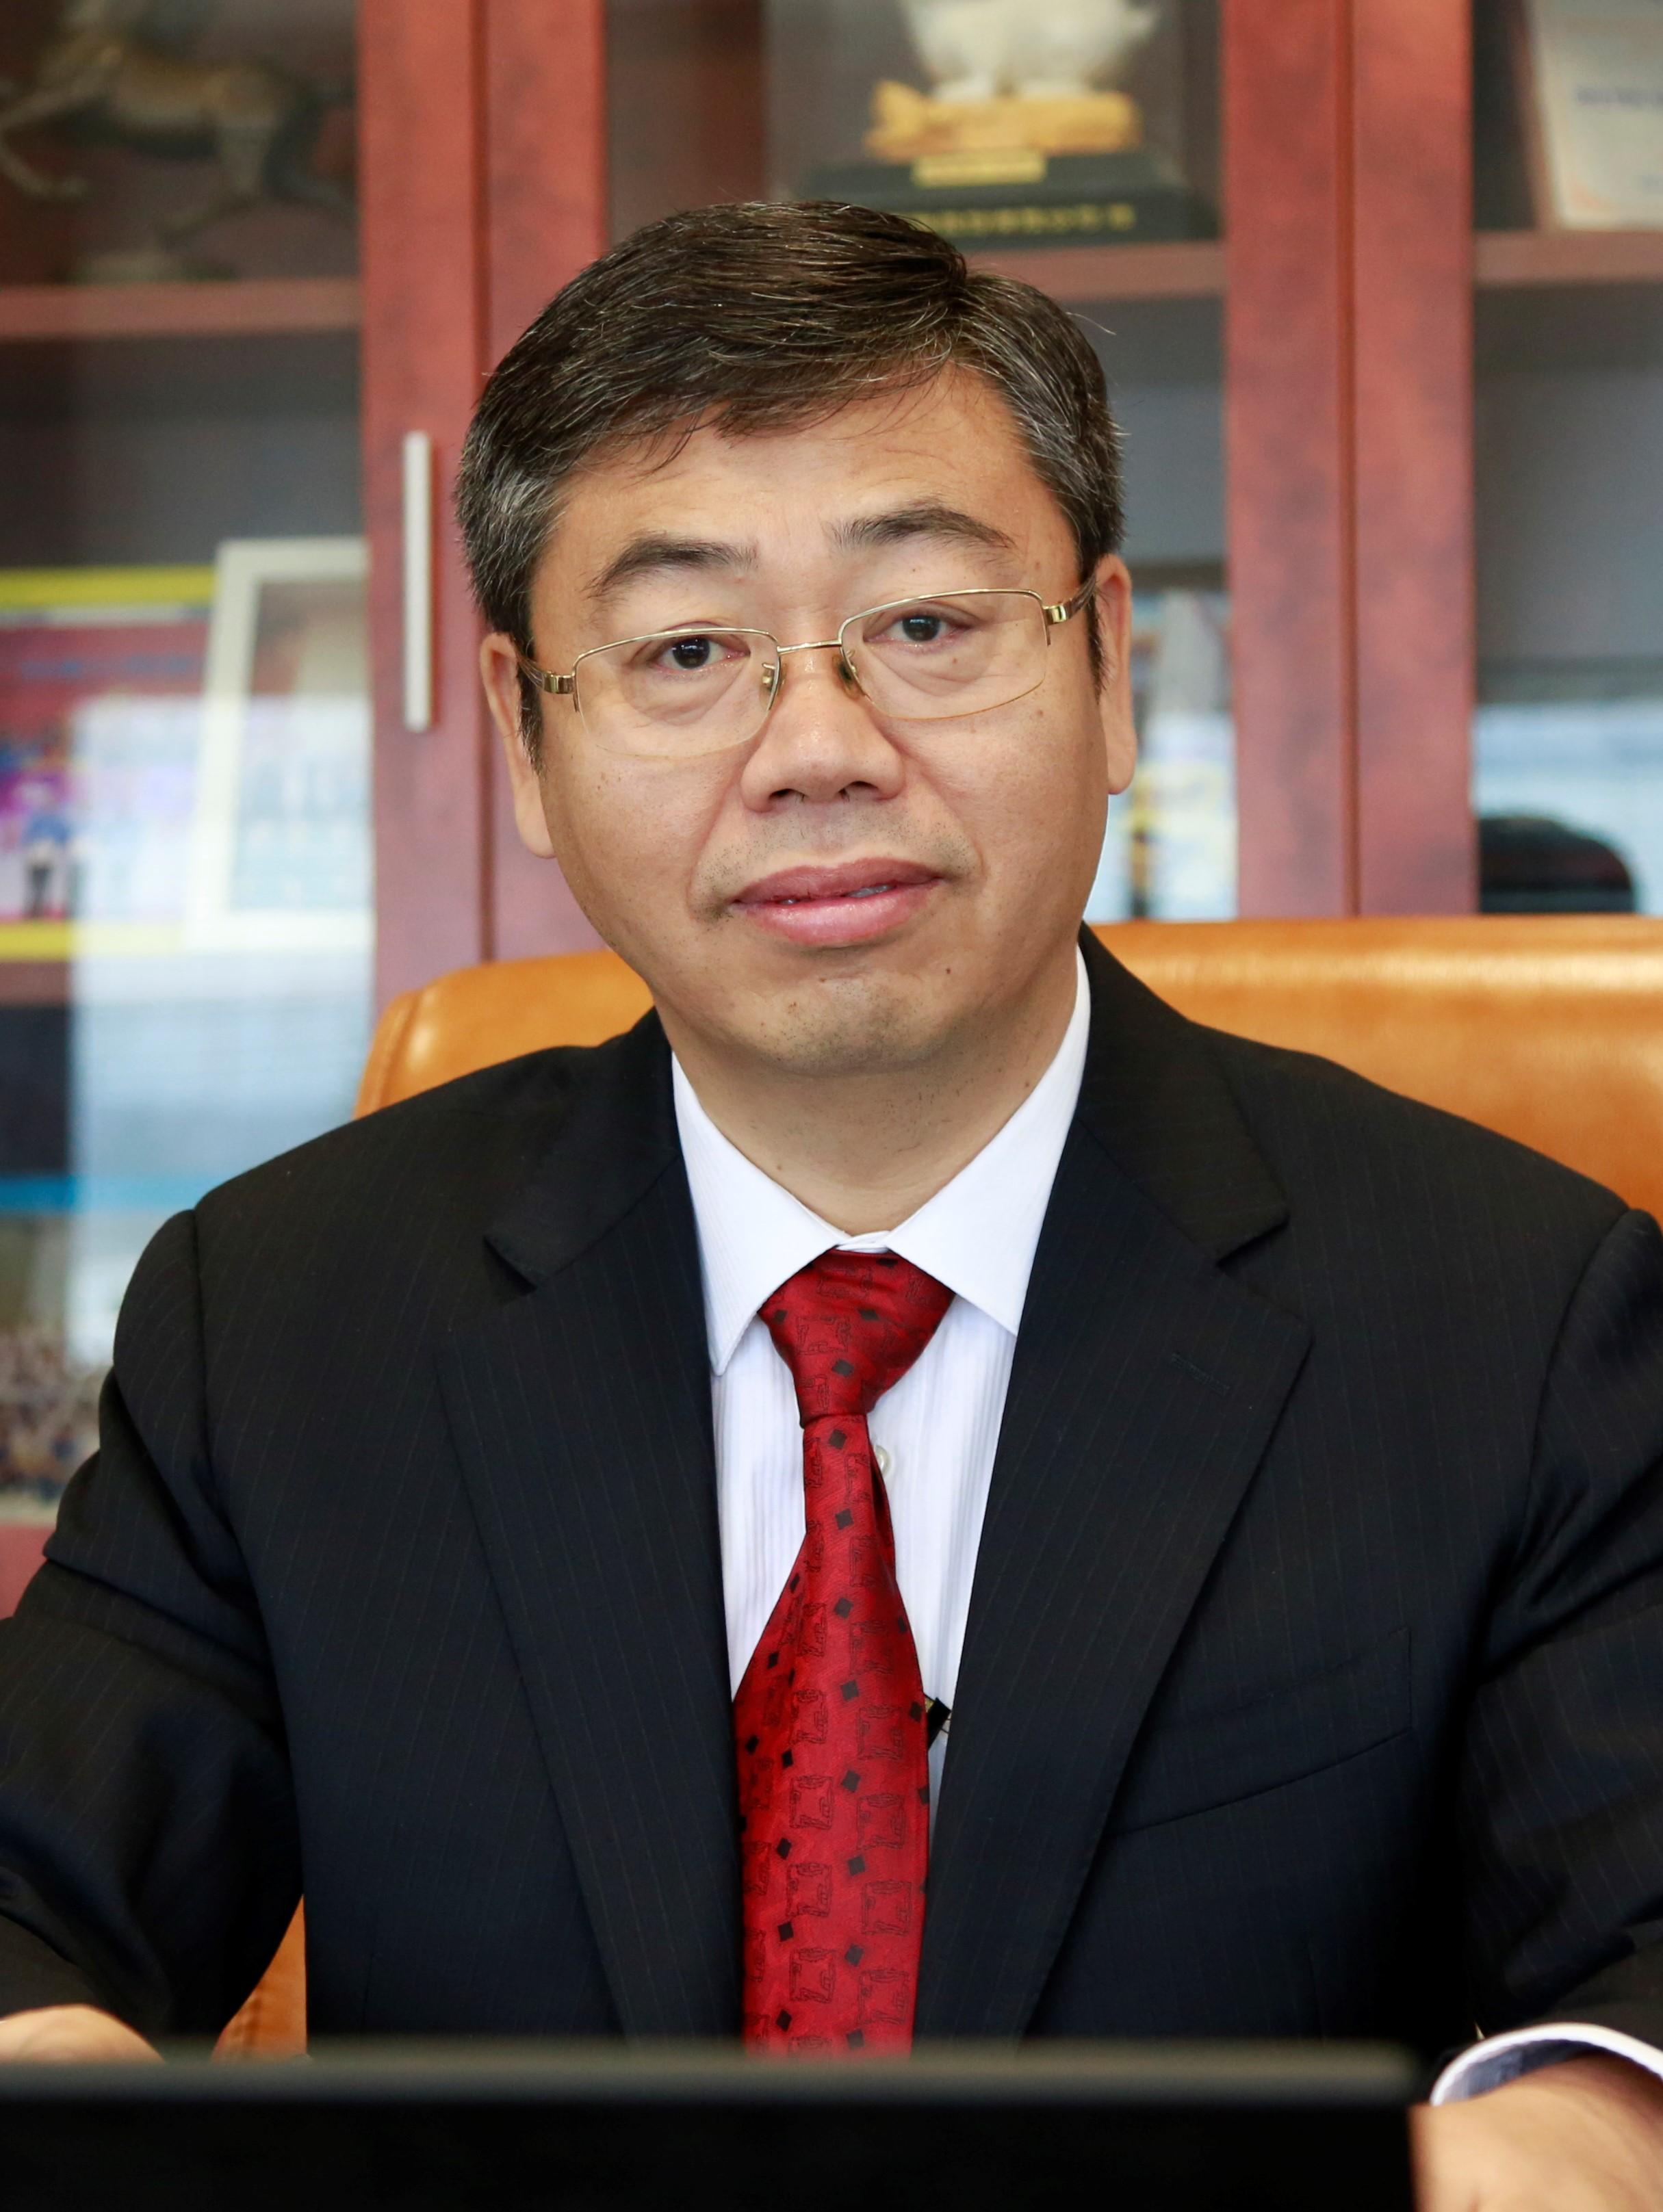 尹向陽,廣州金升陽科技有限公司董事長